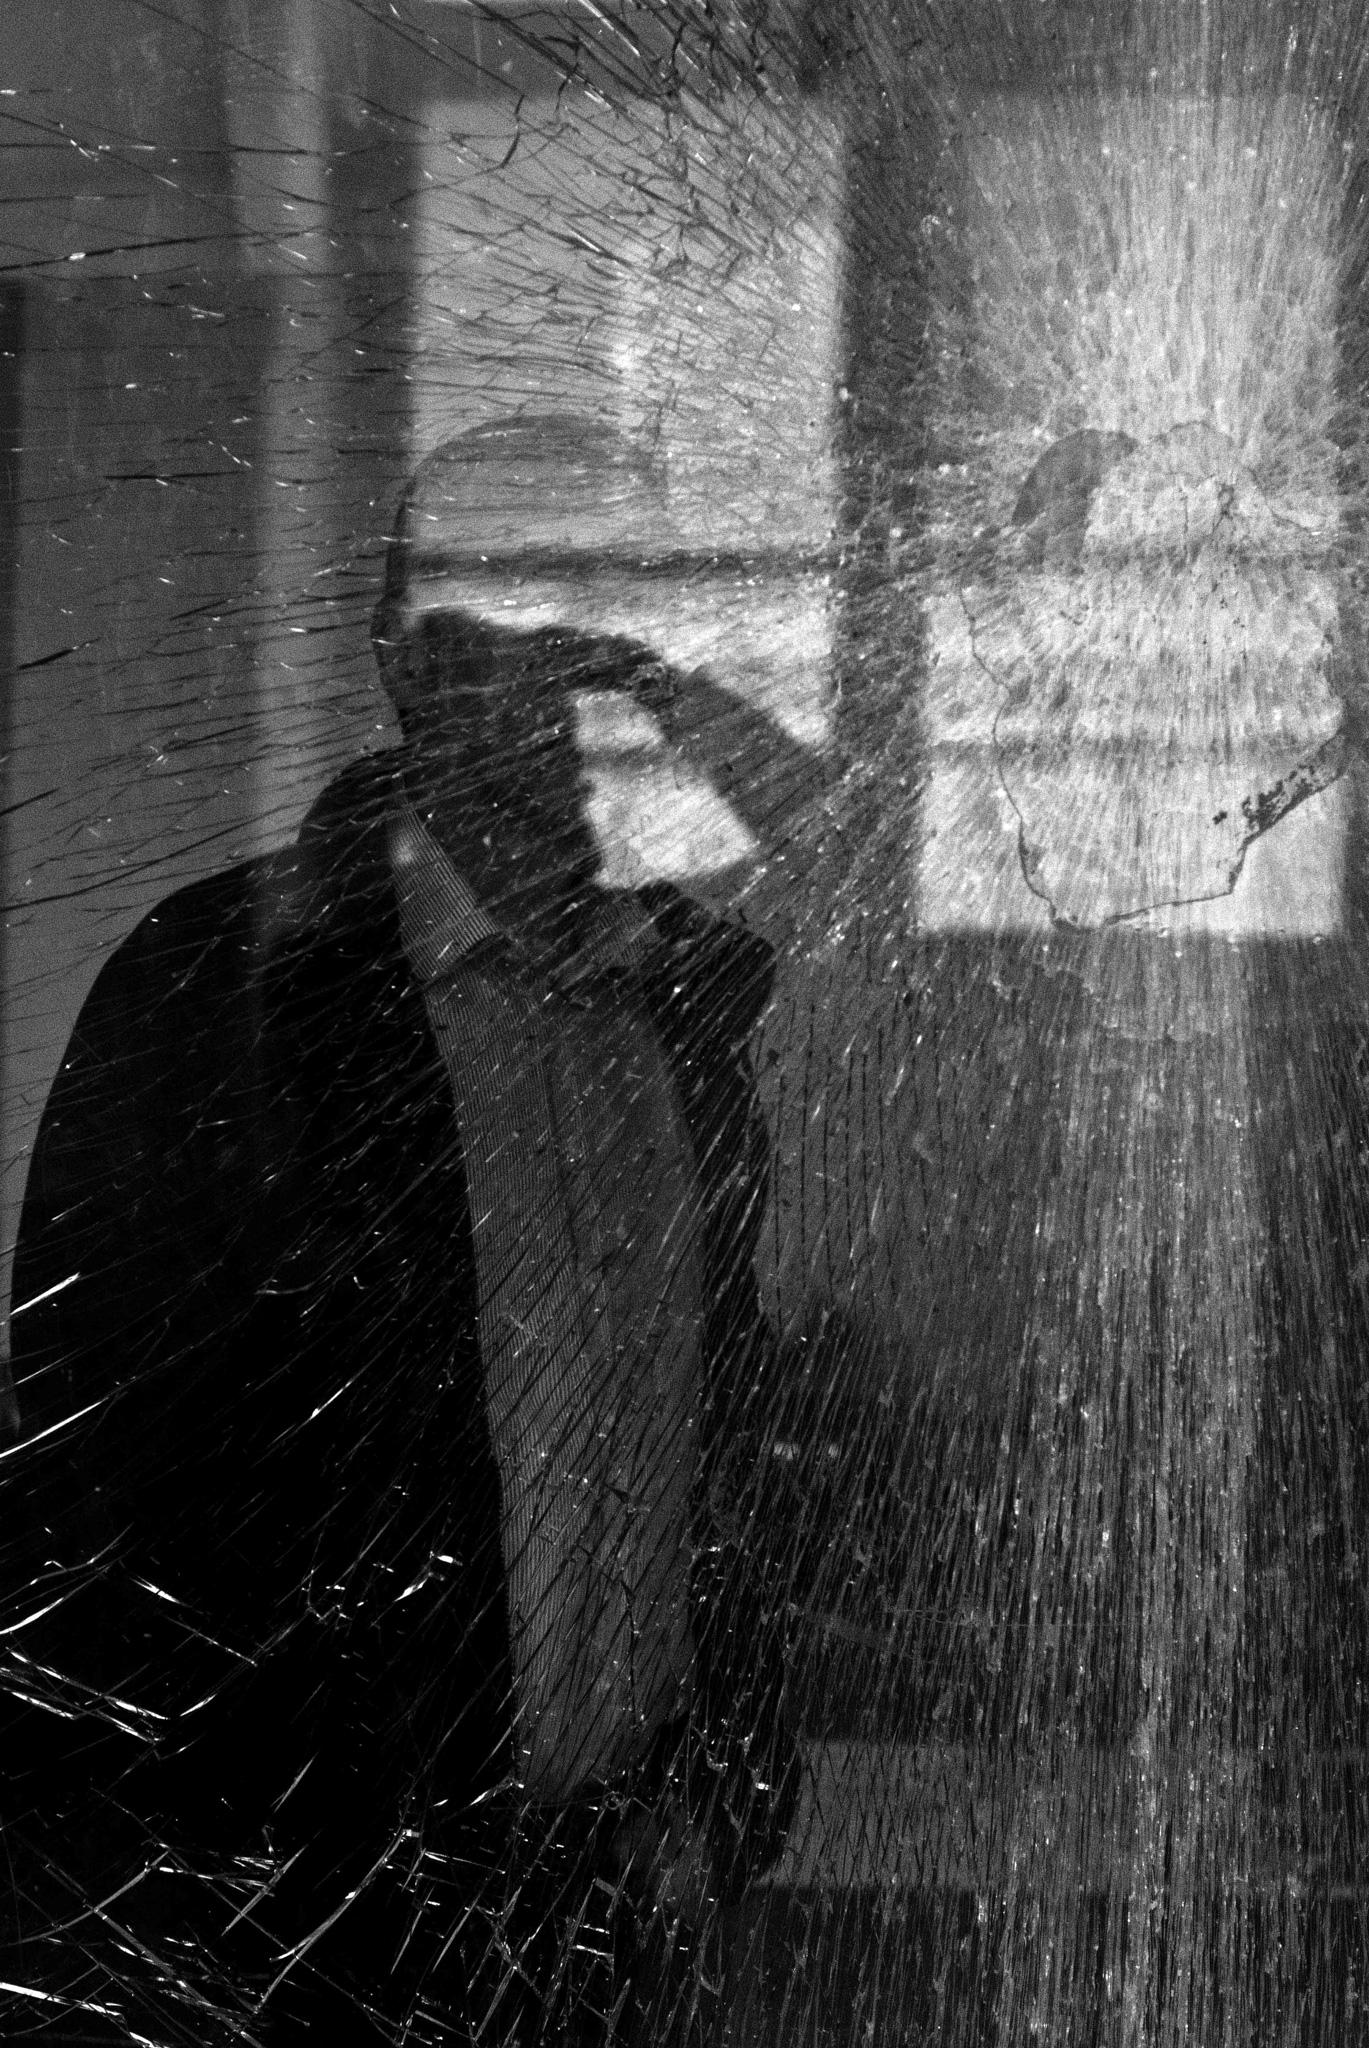 Rätsel und Mysterien (Foto: Pia Mihailowitsch)